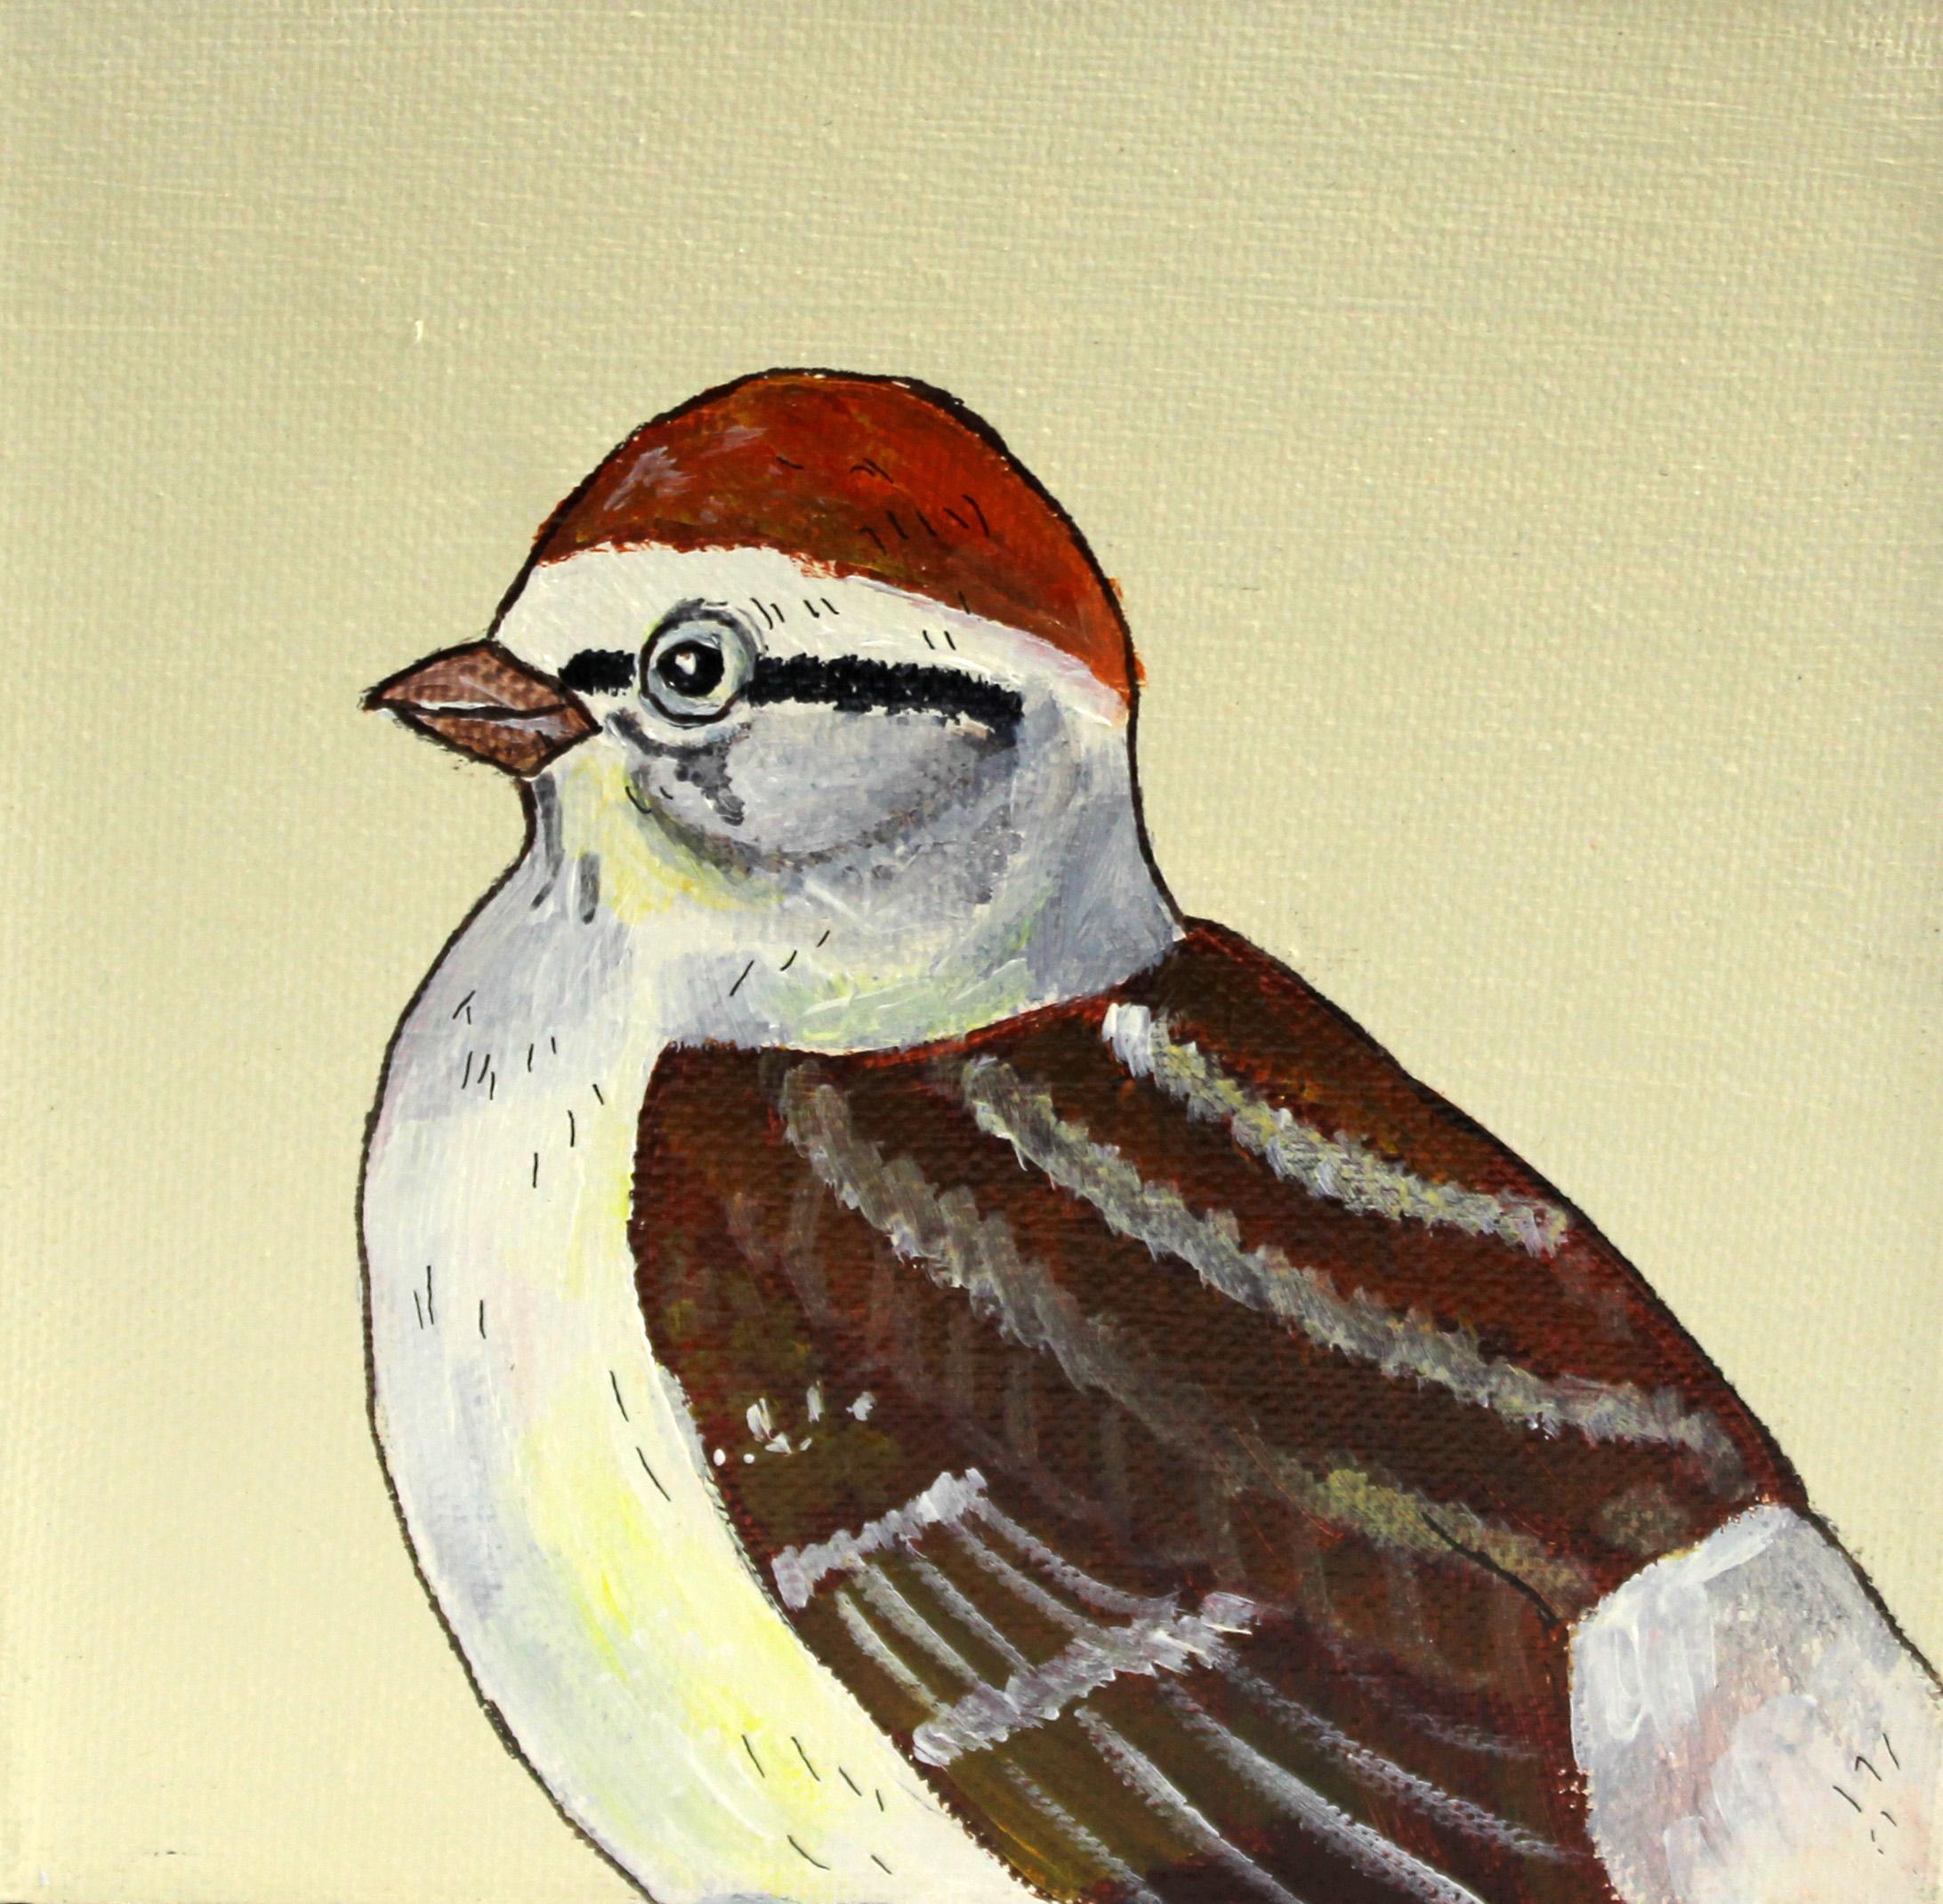 chippingsparrow4.jpg